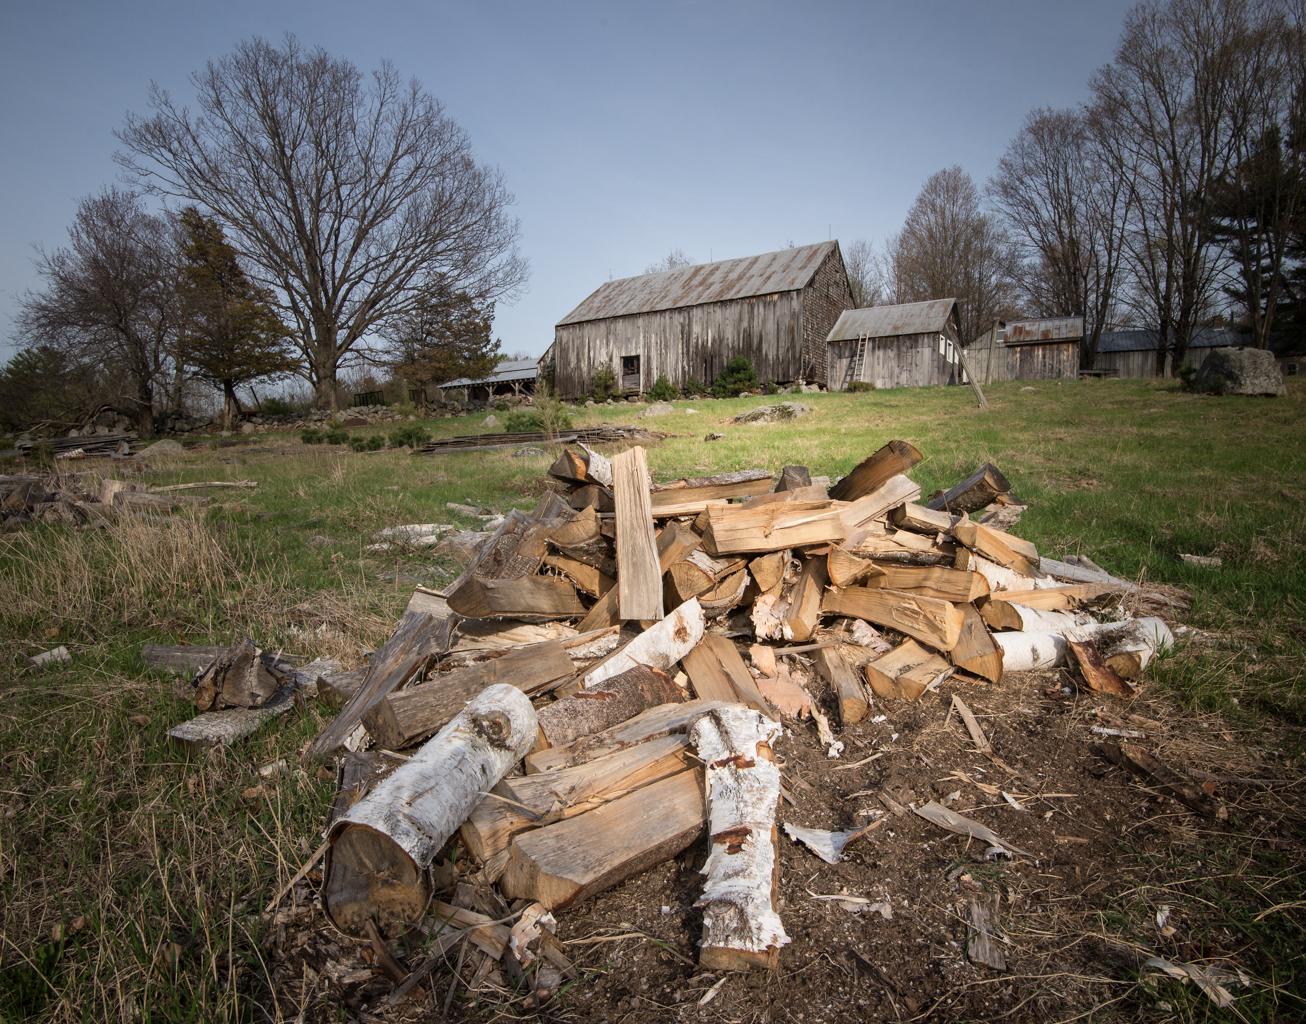 Rural Woodpile